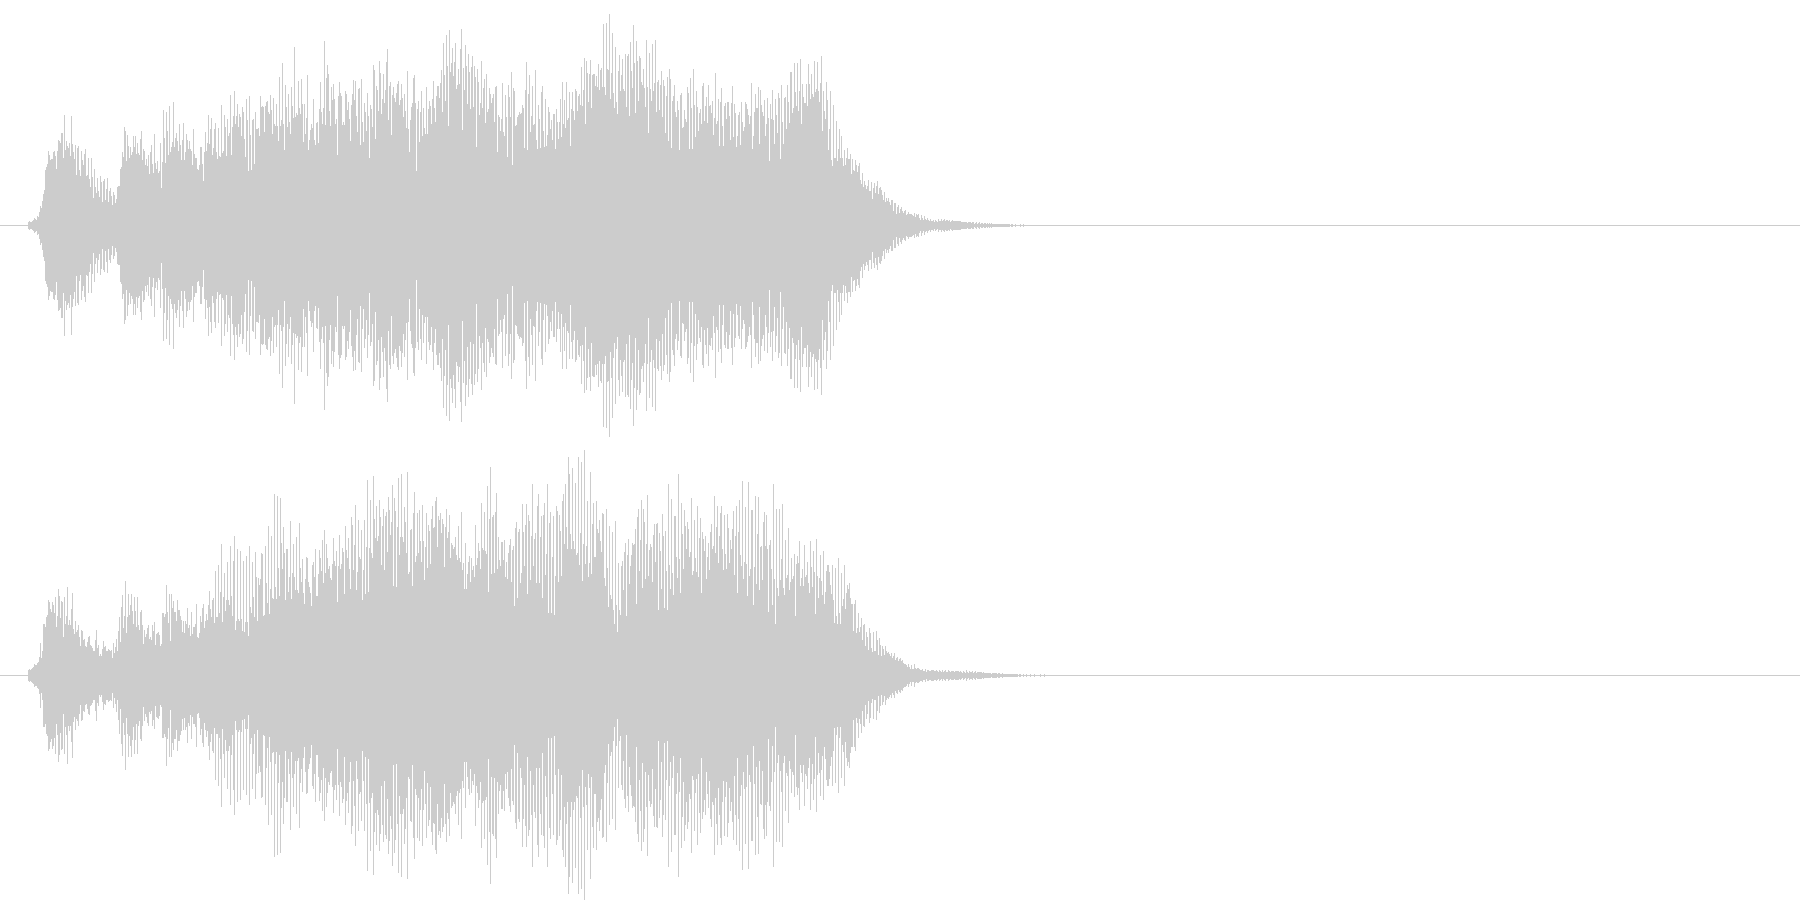 汎用08 パンパカパーン(Short)の未再生の波形